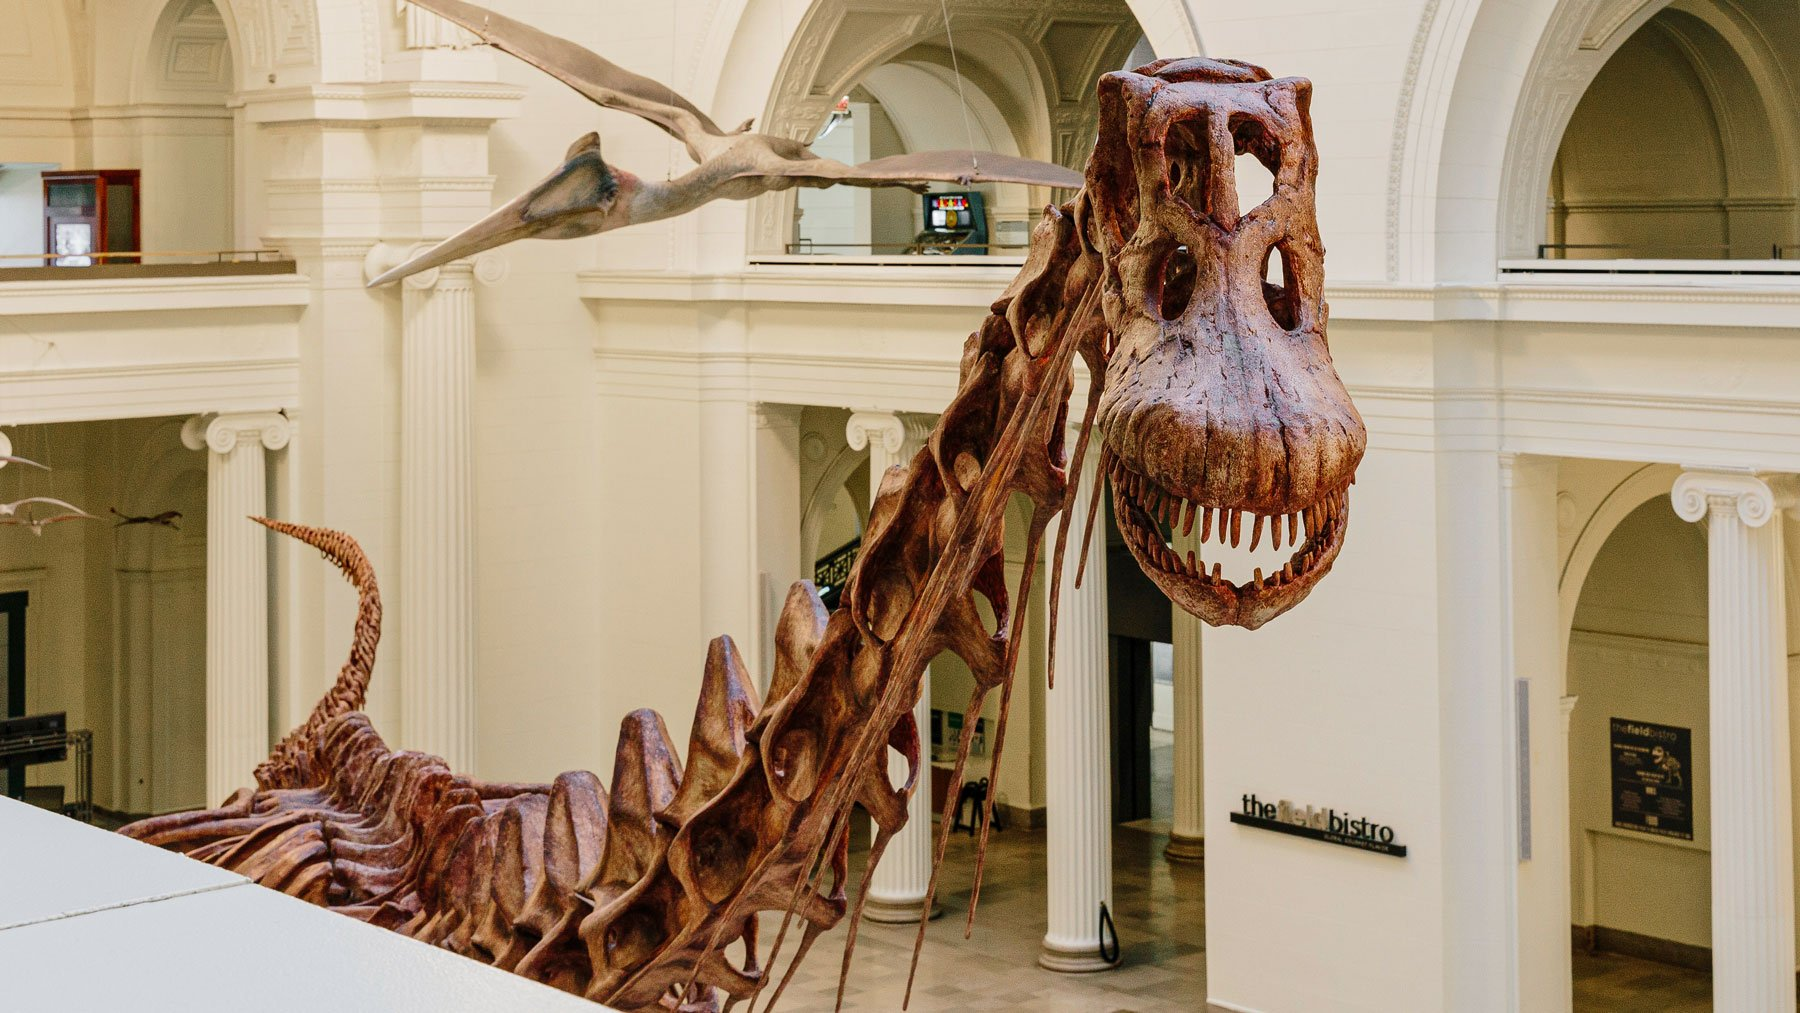 Maximo titanosaur cast in museum